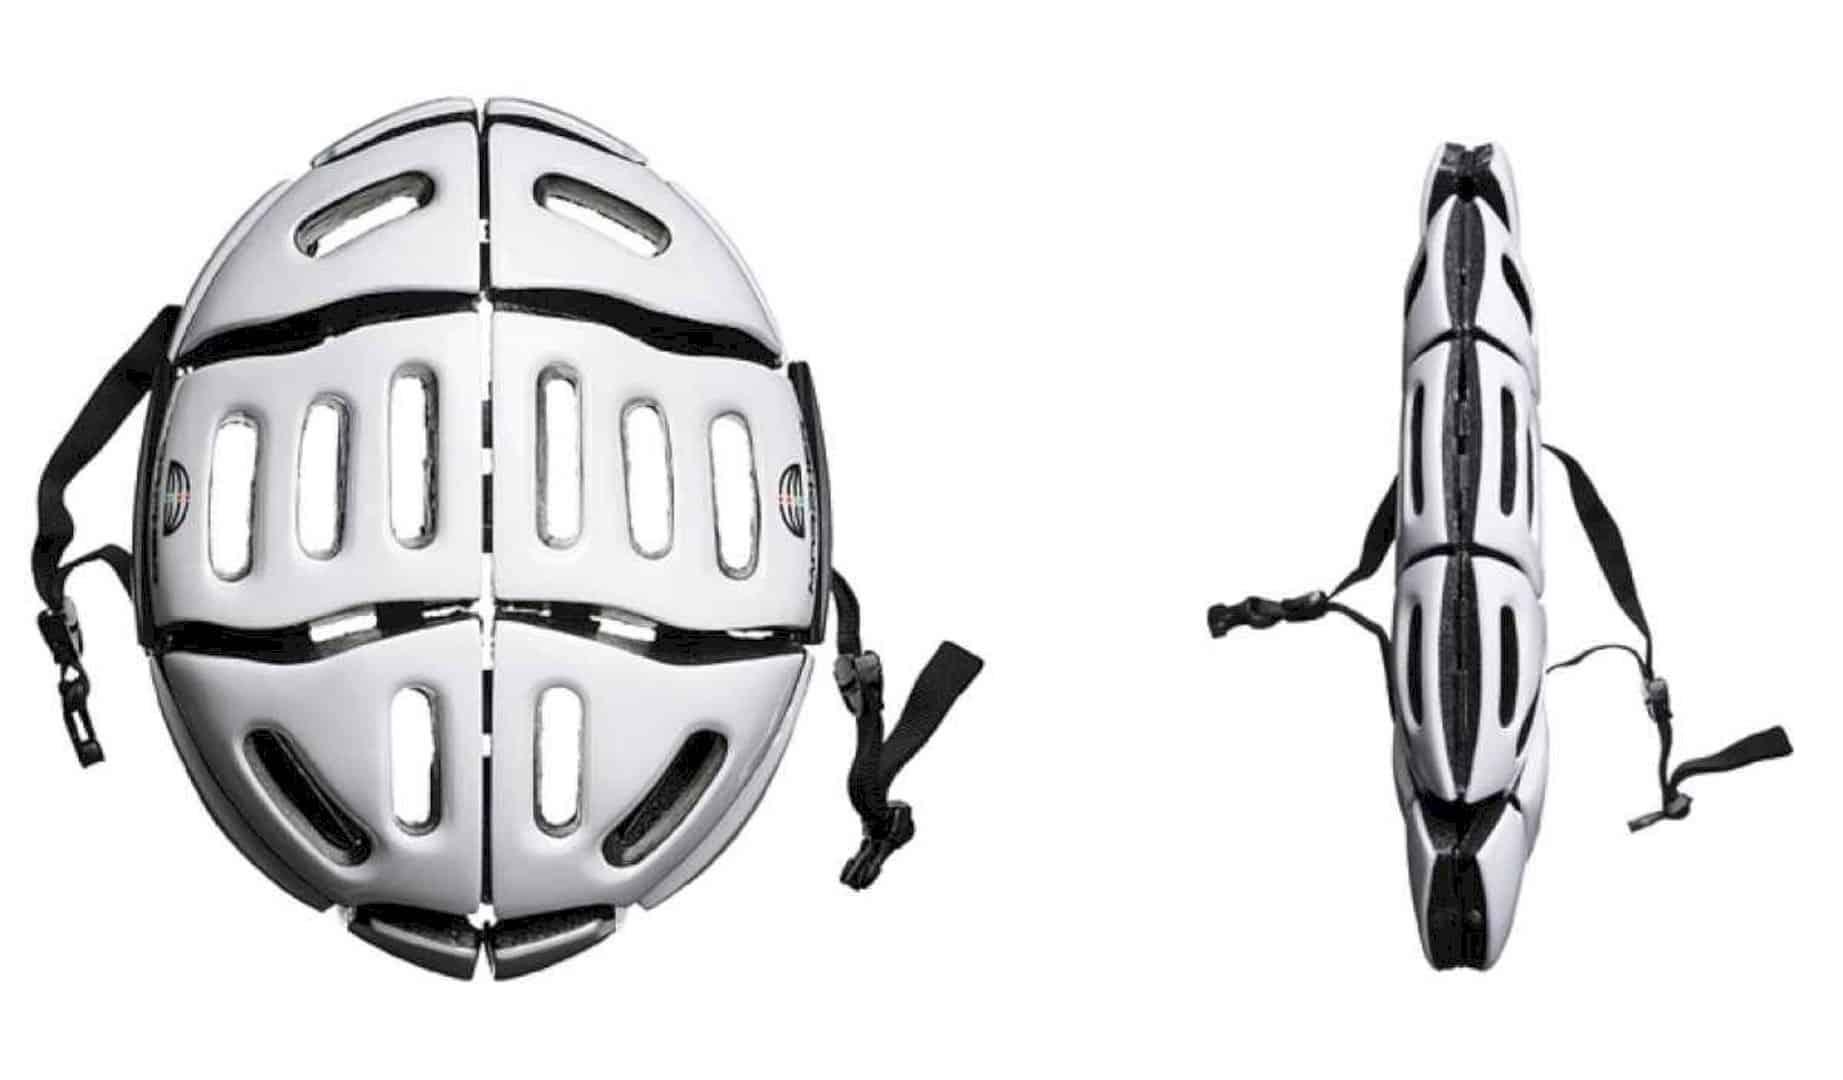 Morpher Helmet: Award Winning Folding Helmet